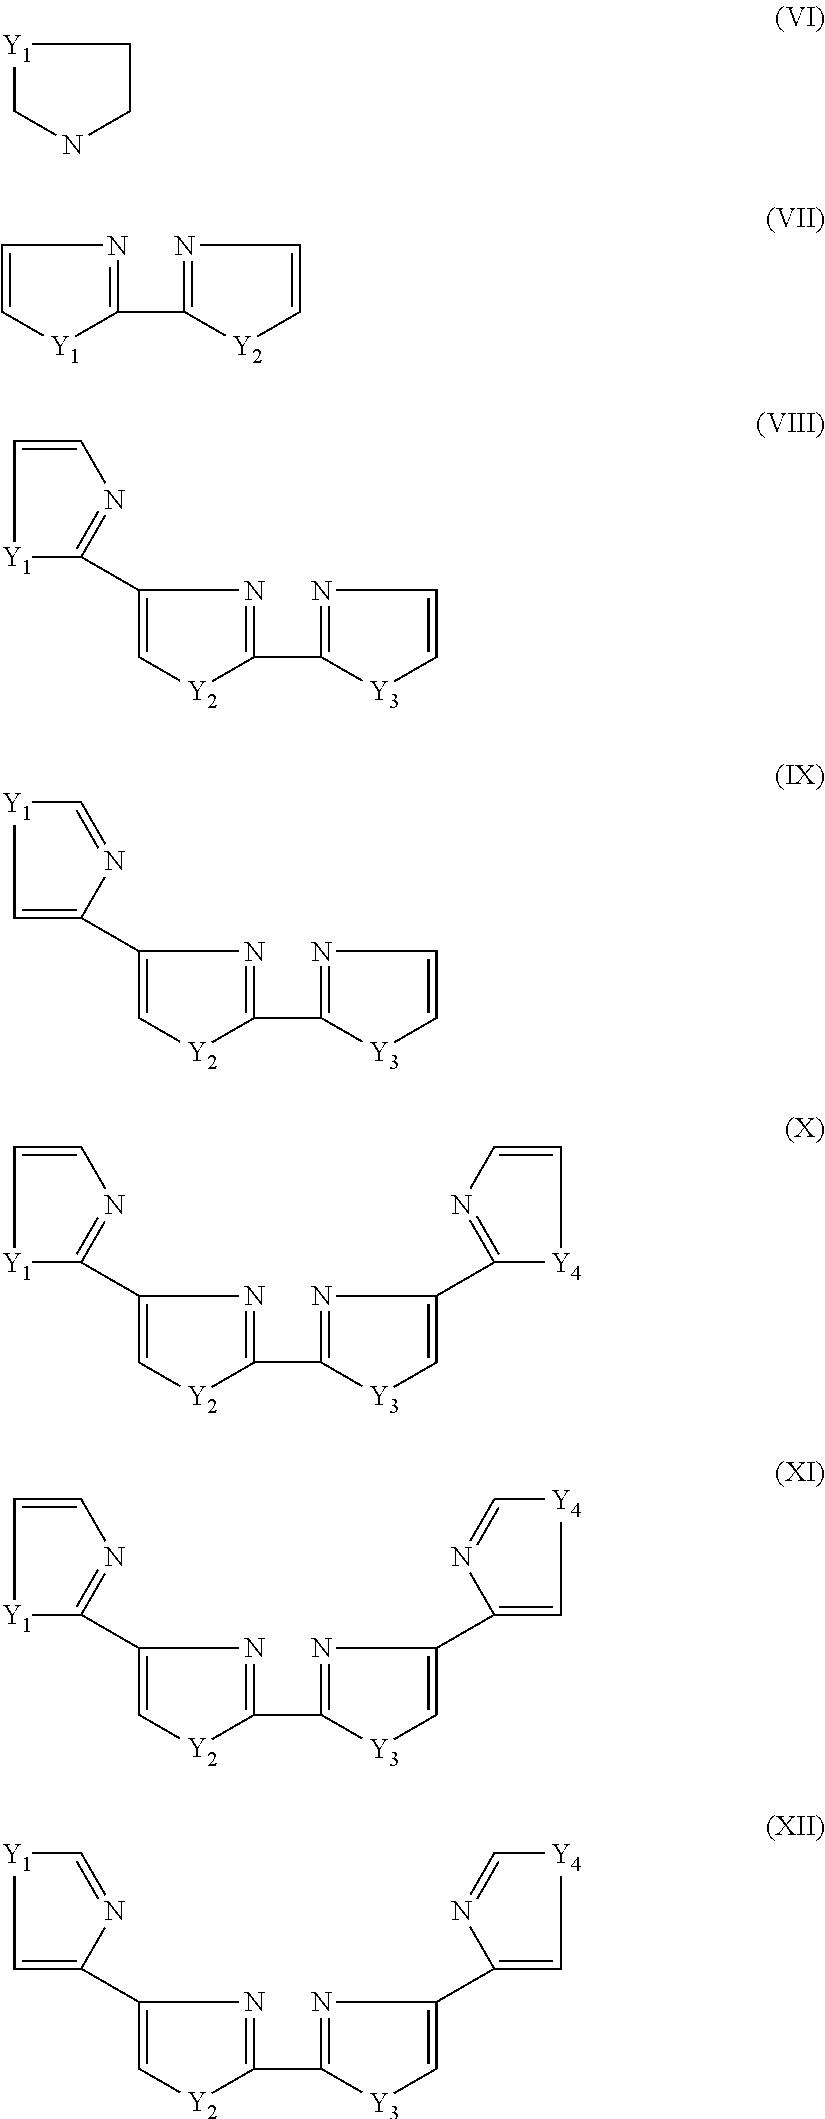 Figure US20100018870A1-20100128-C00005